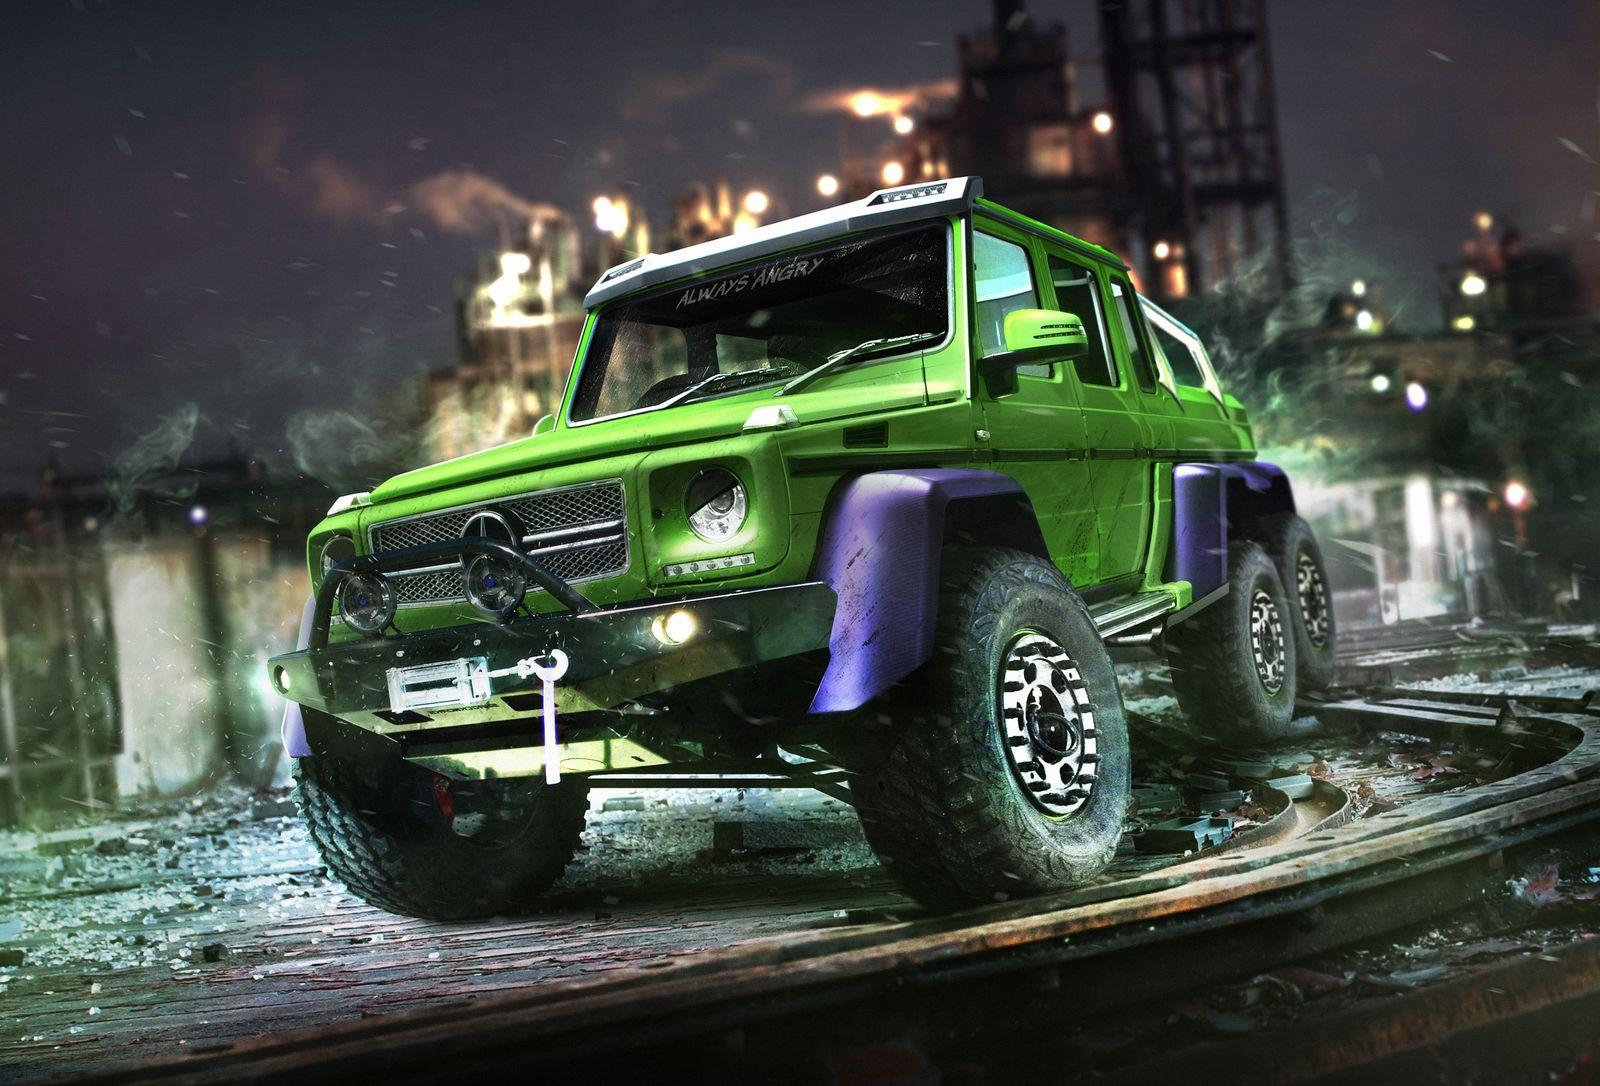 superhero-car-designs-opn-gallery-2.jpg